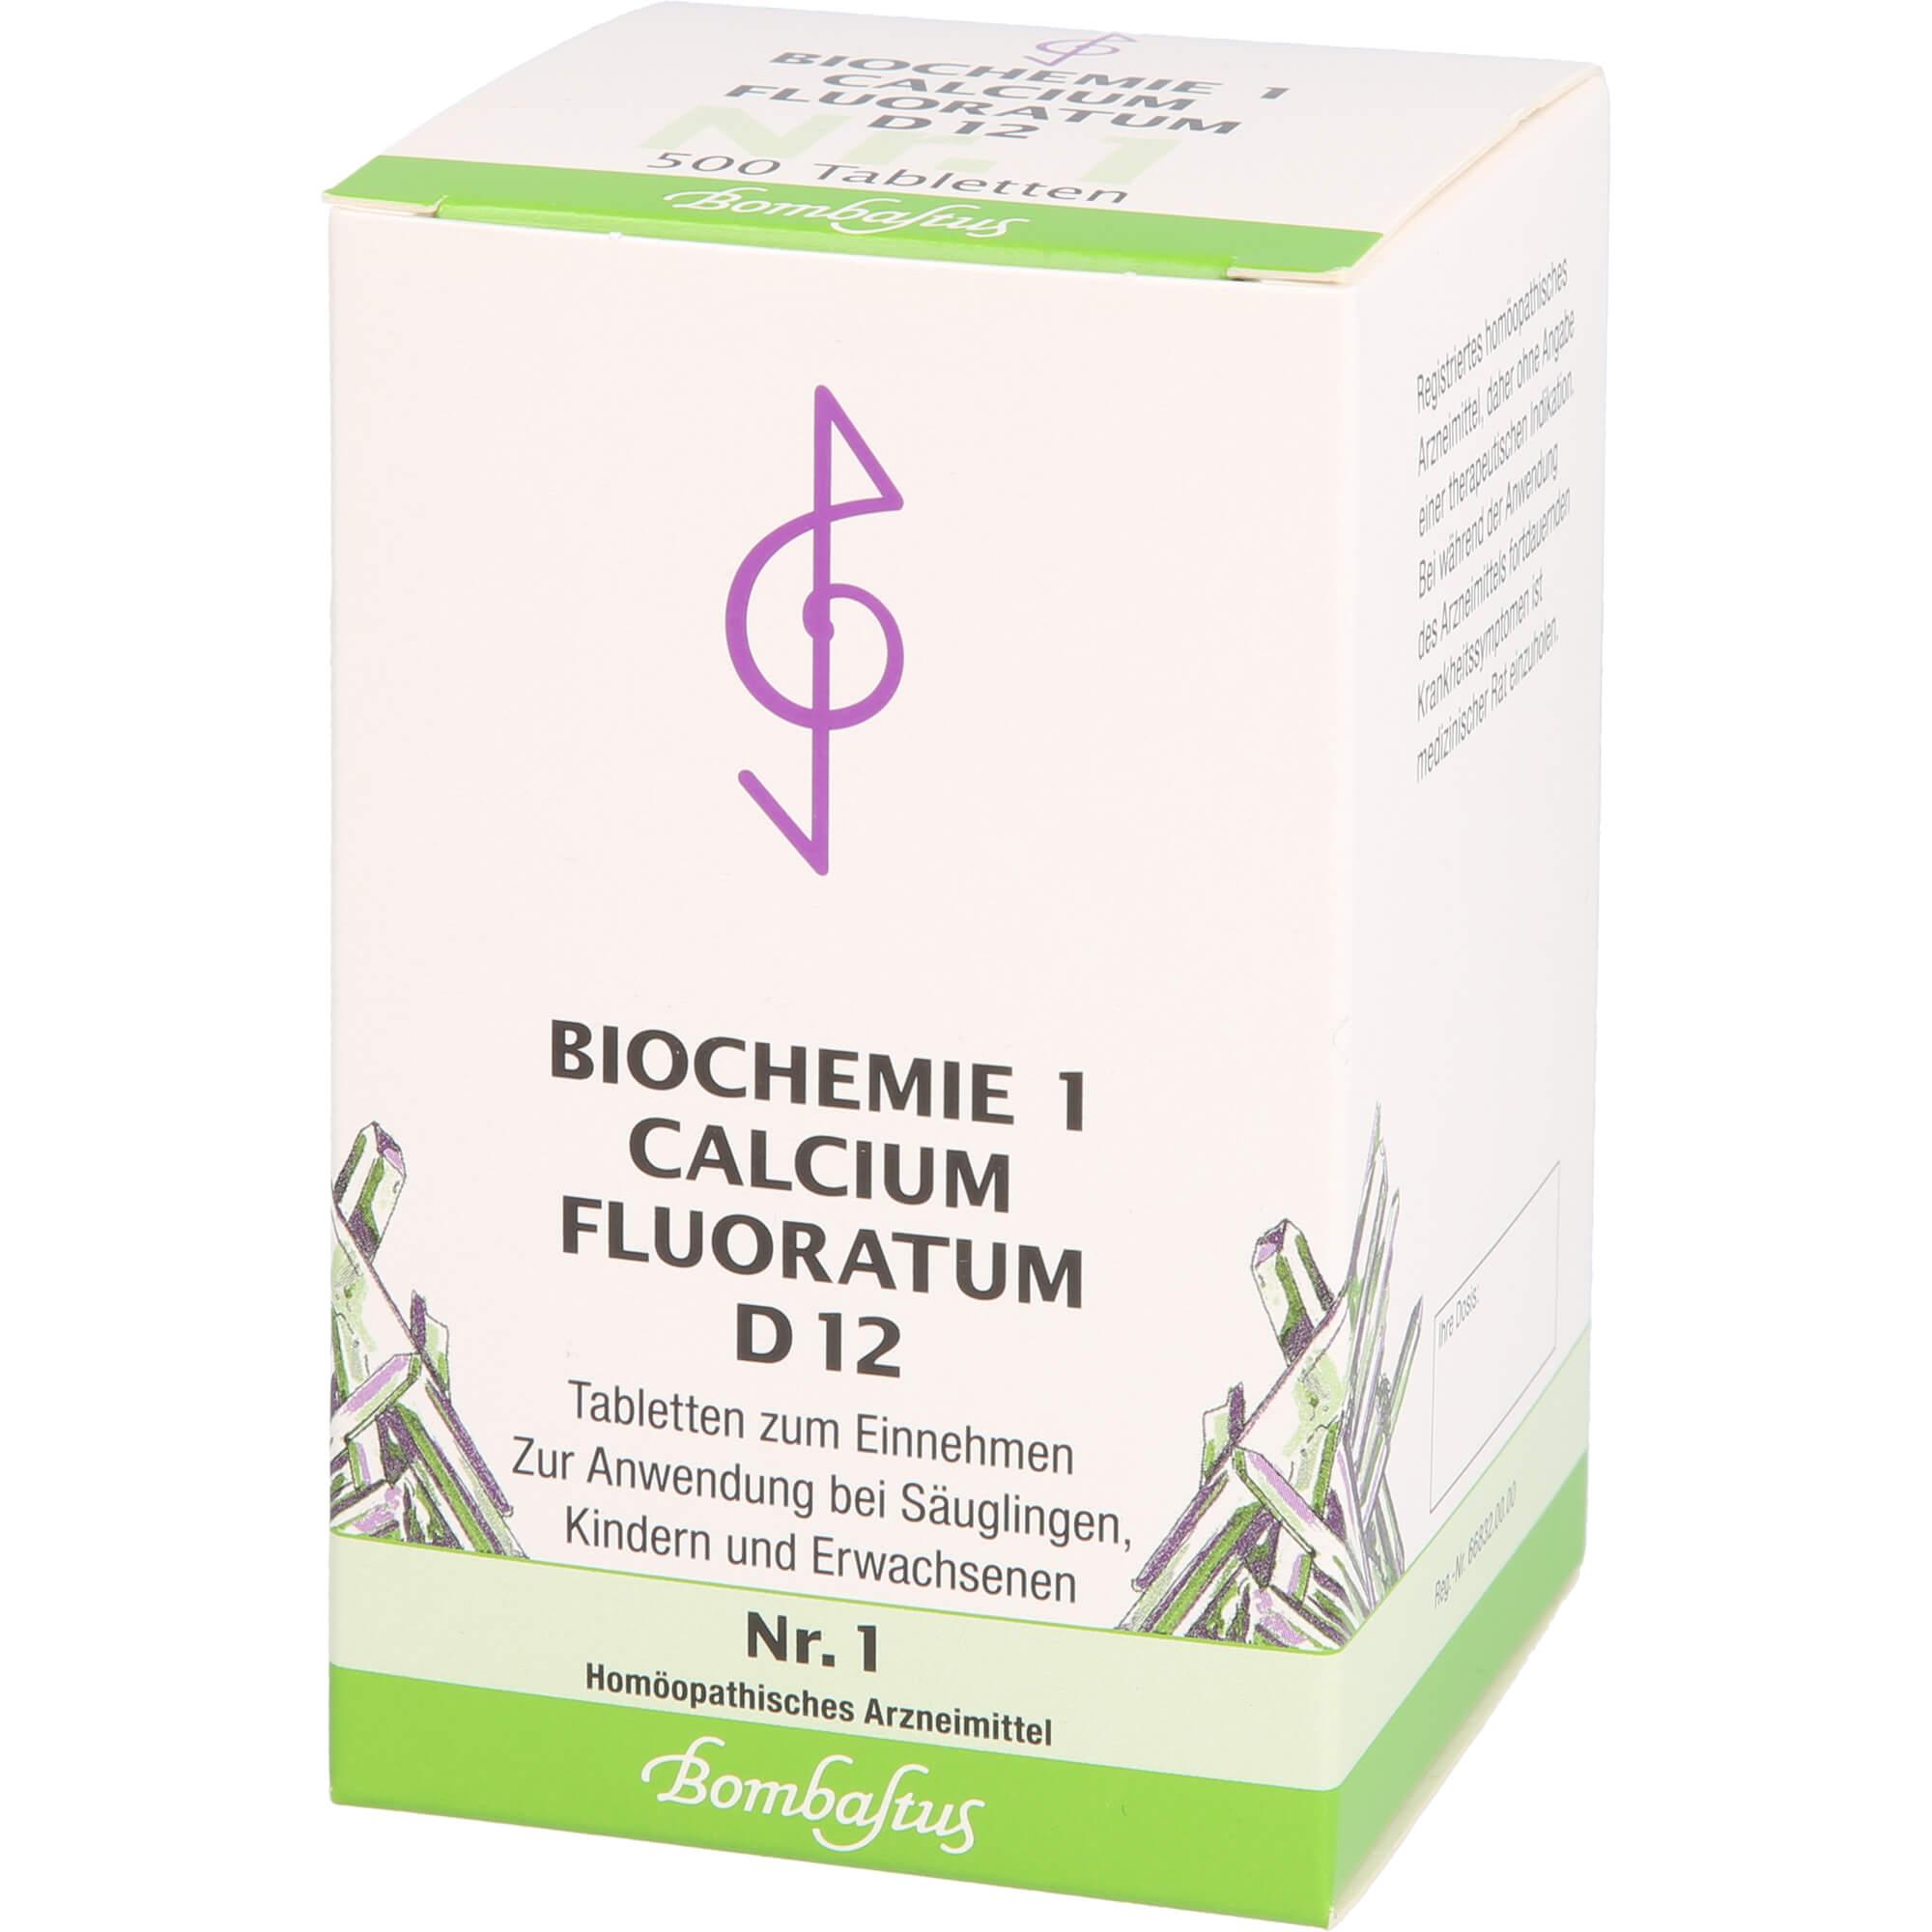 BIOCHEMIE 1 Calcium fluoratum D 12 Tabletten